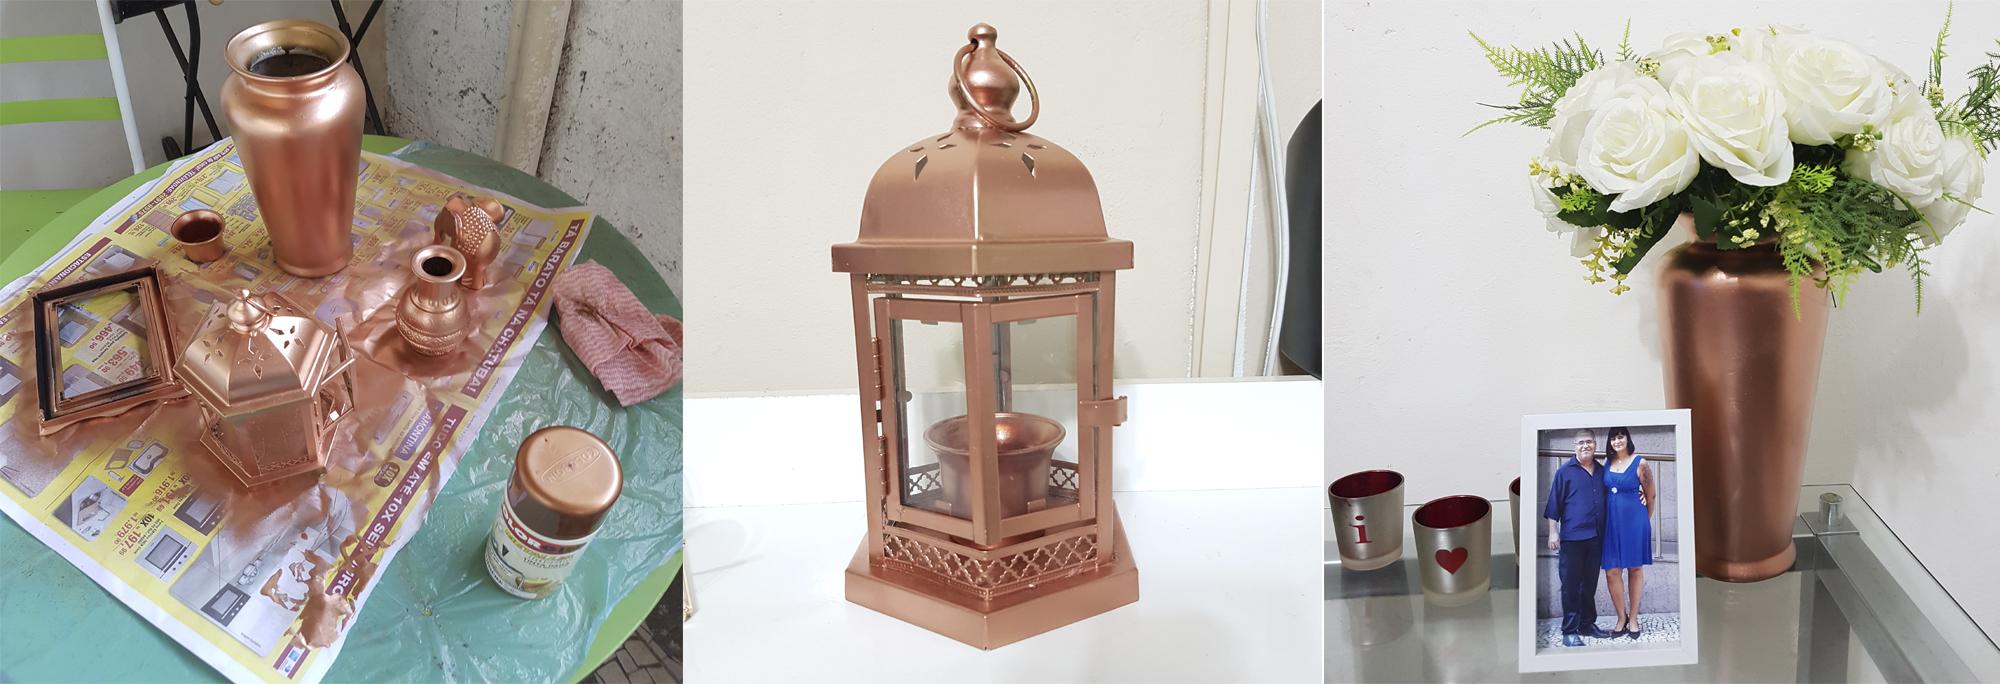 DIY – Como ter vários objetos rose gold na decoração gastando pouco